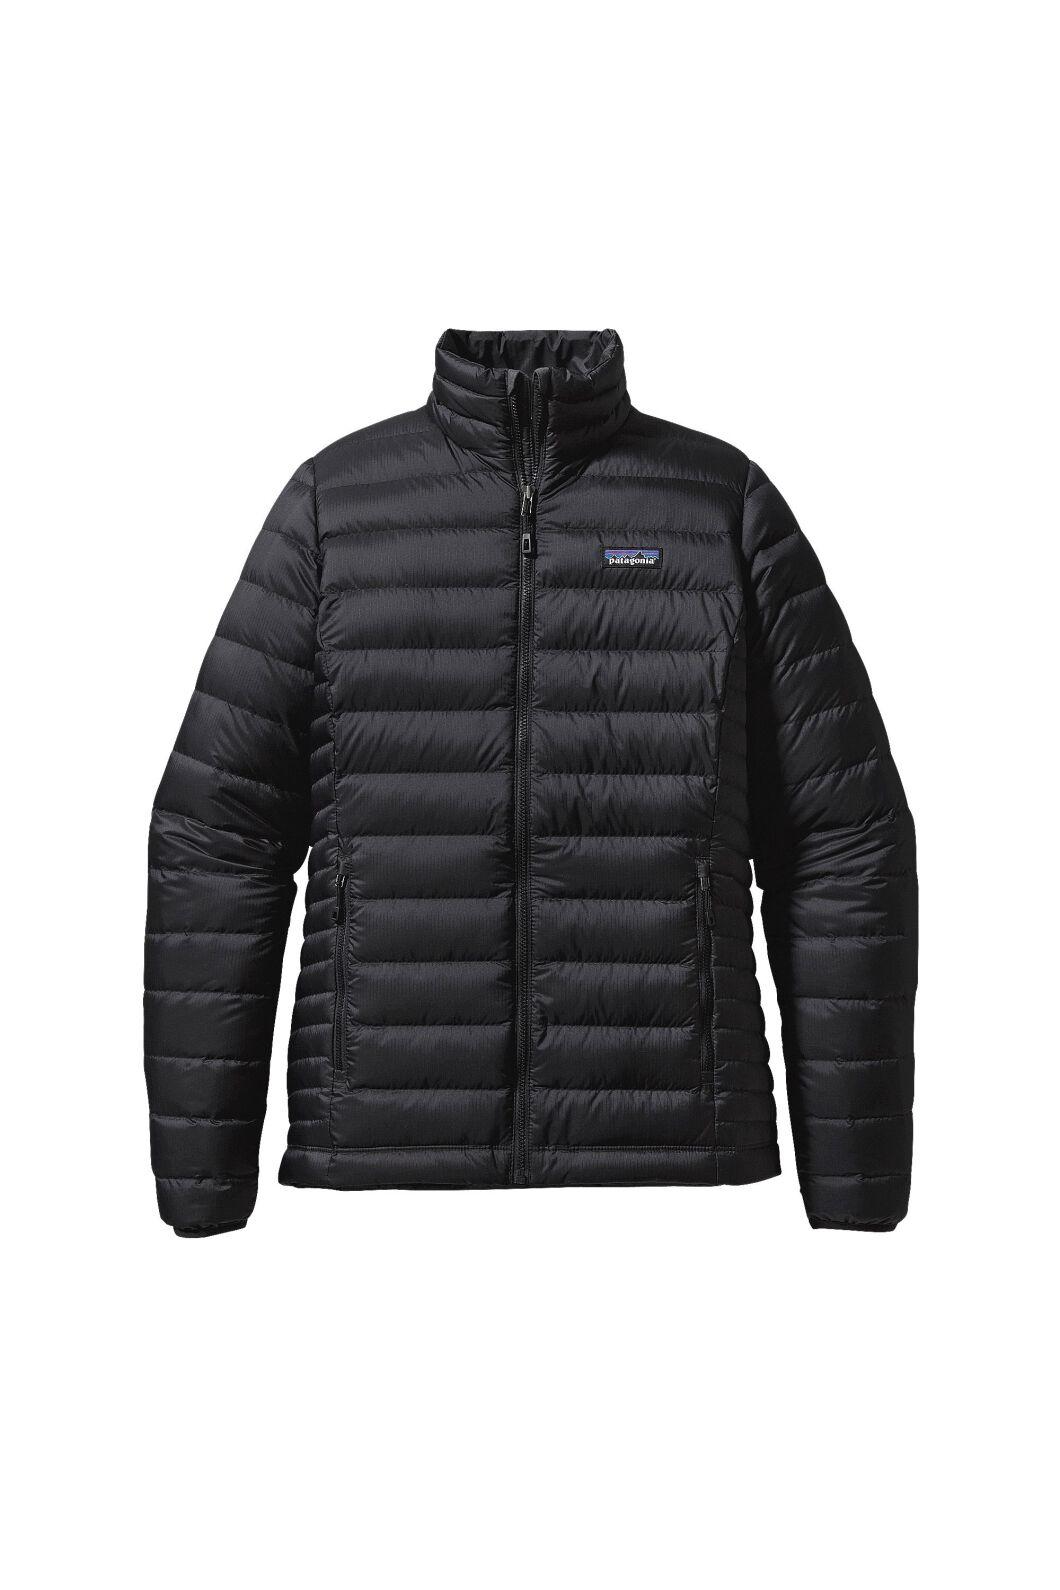 Patagonia Women's Down Sweater Jacket, Black, hi-res